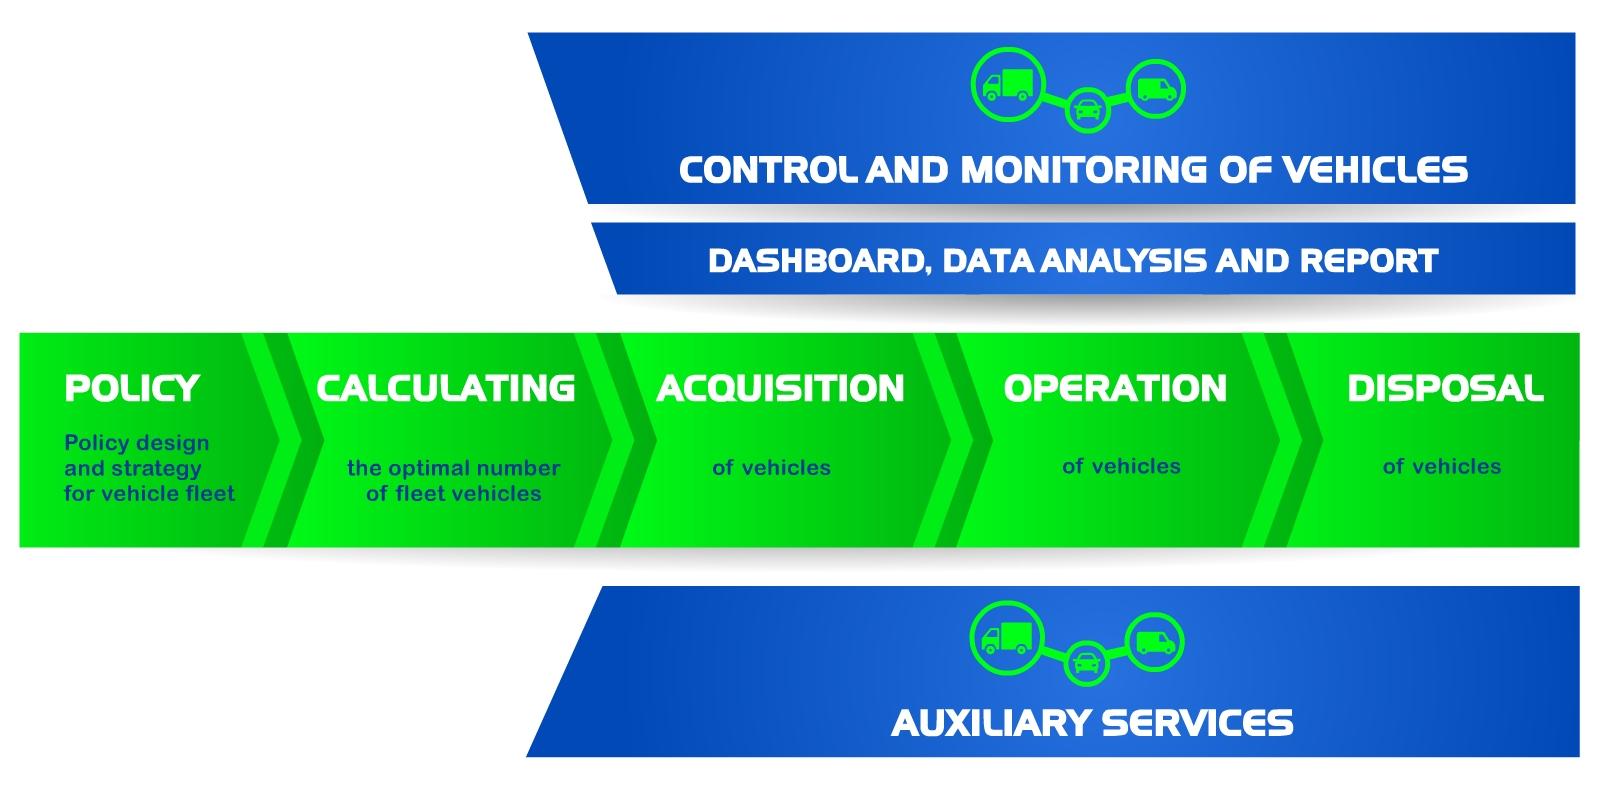 fleet management activities